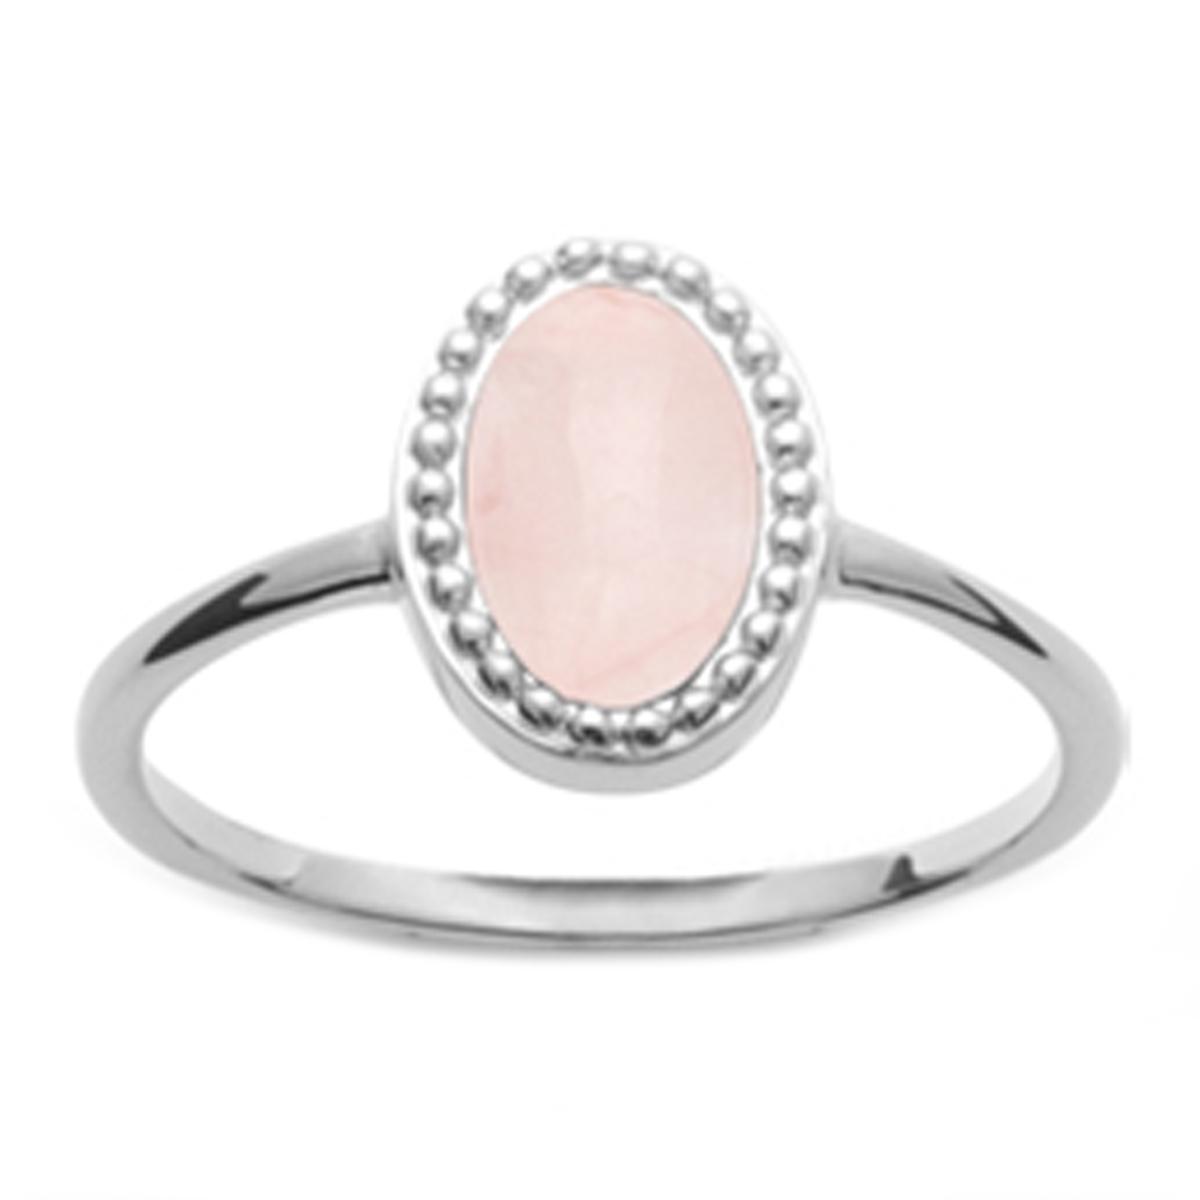 Bague Argent \'Cléopatra\' quartz rose argenté (rhodié) - 10x7 mm - [Q6265]